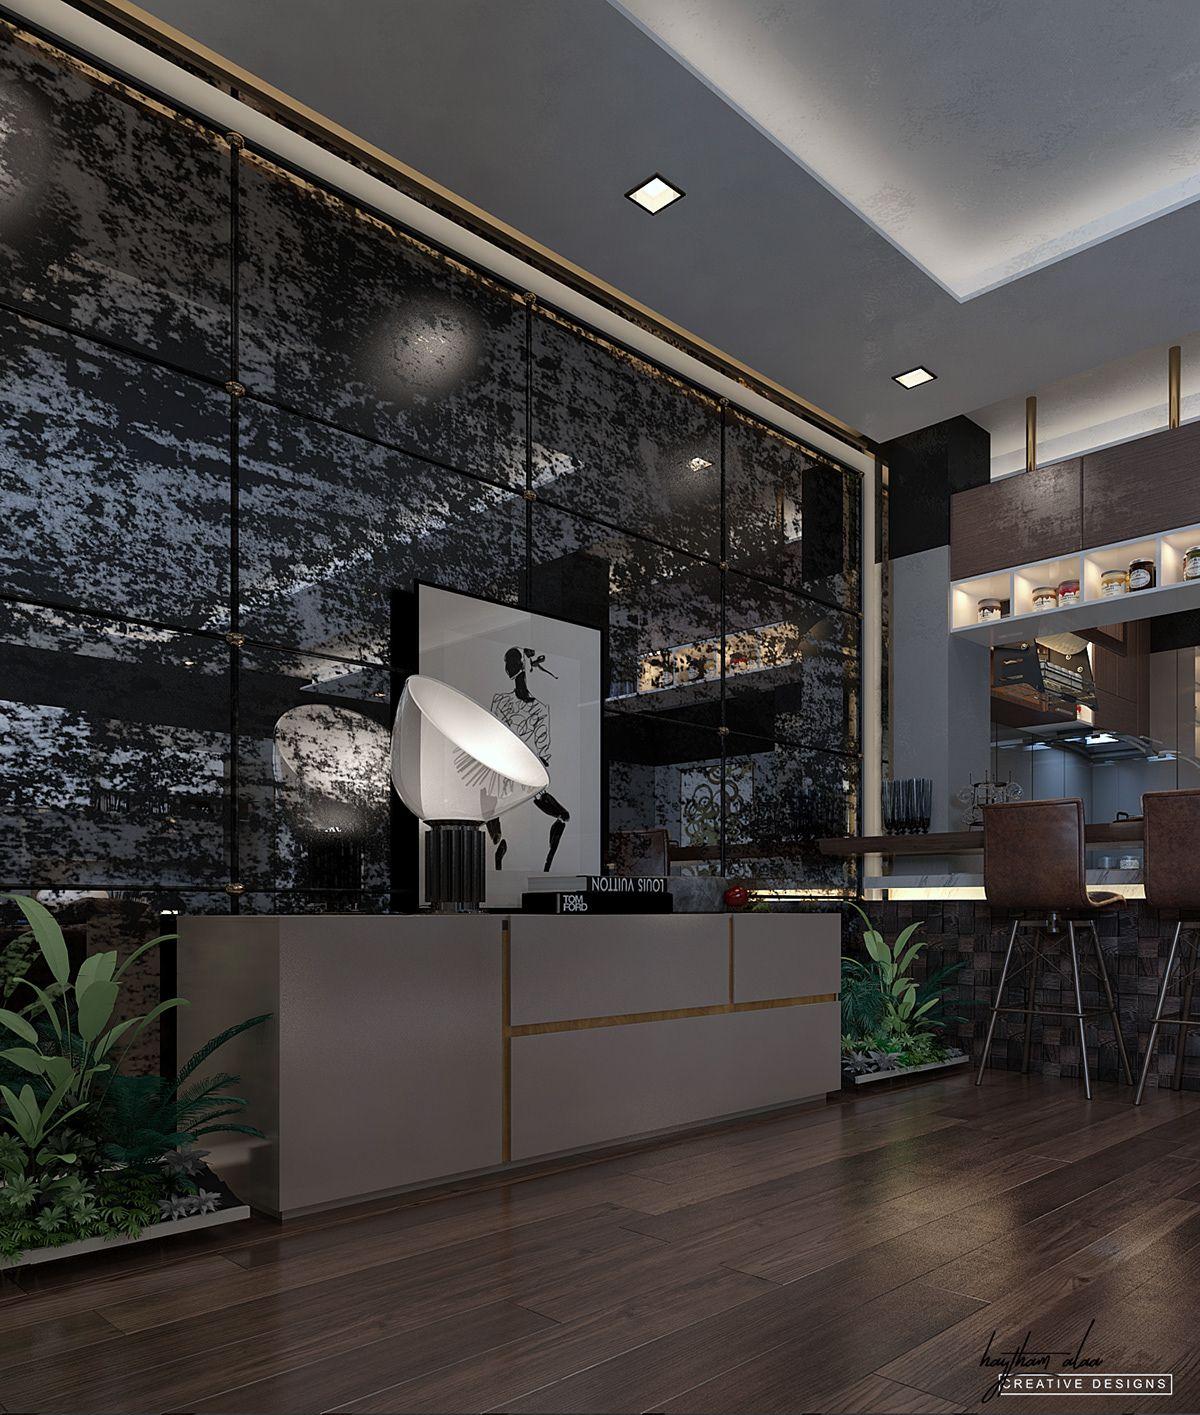 Basement Interior Design: Soft Modern Villa Basement On Behance